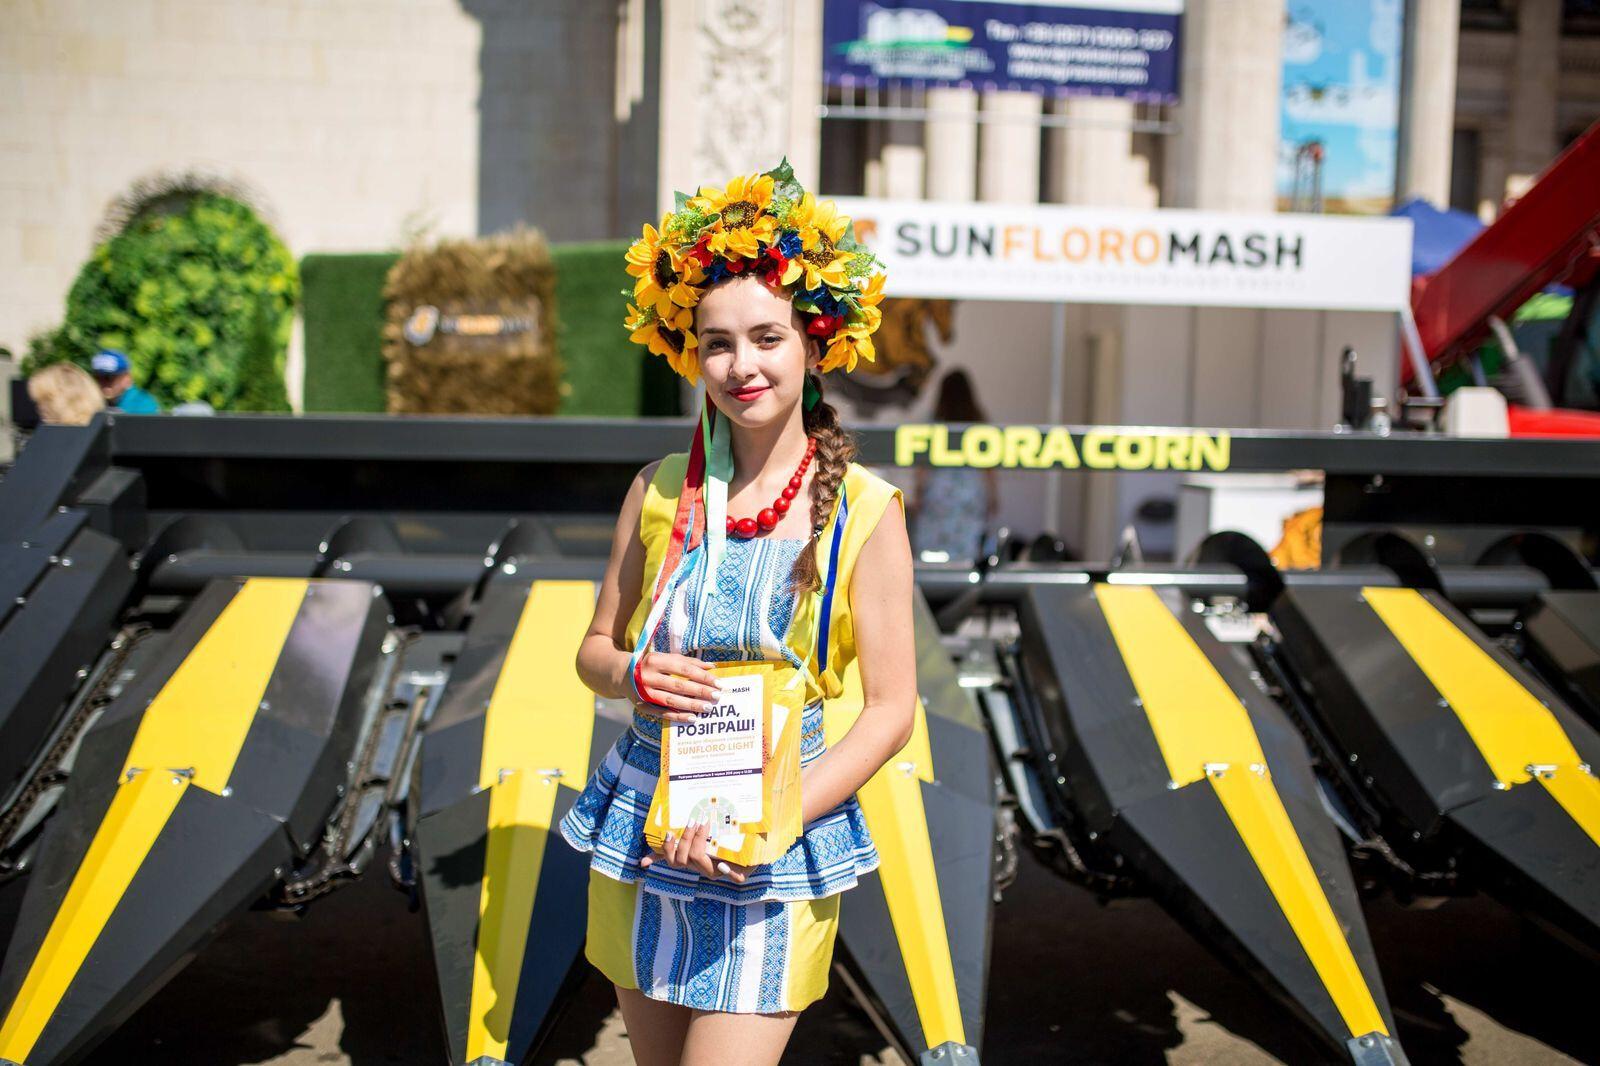 Машиностроительный завод SUNFLOROMASH - это надежный Украинский производитель техники для сбора урожая.